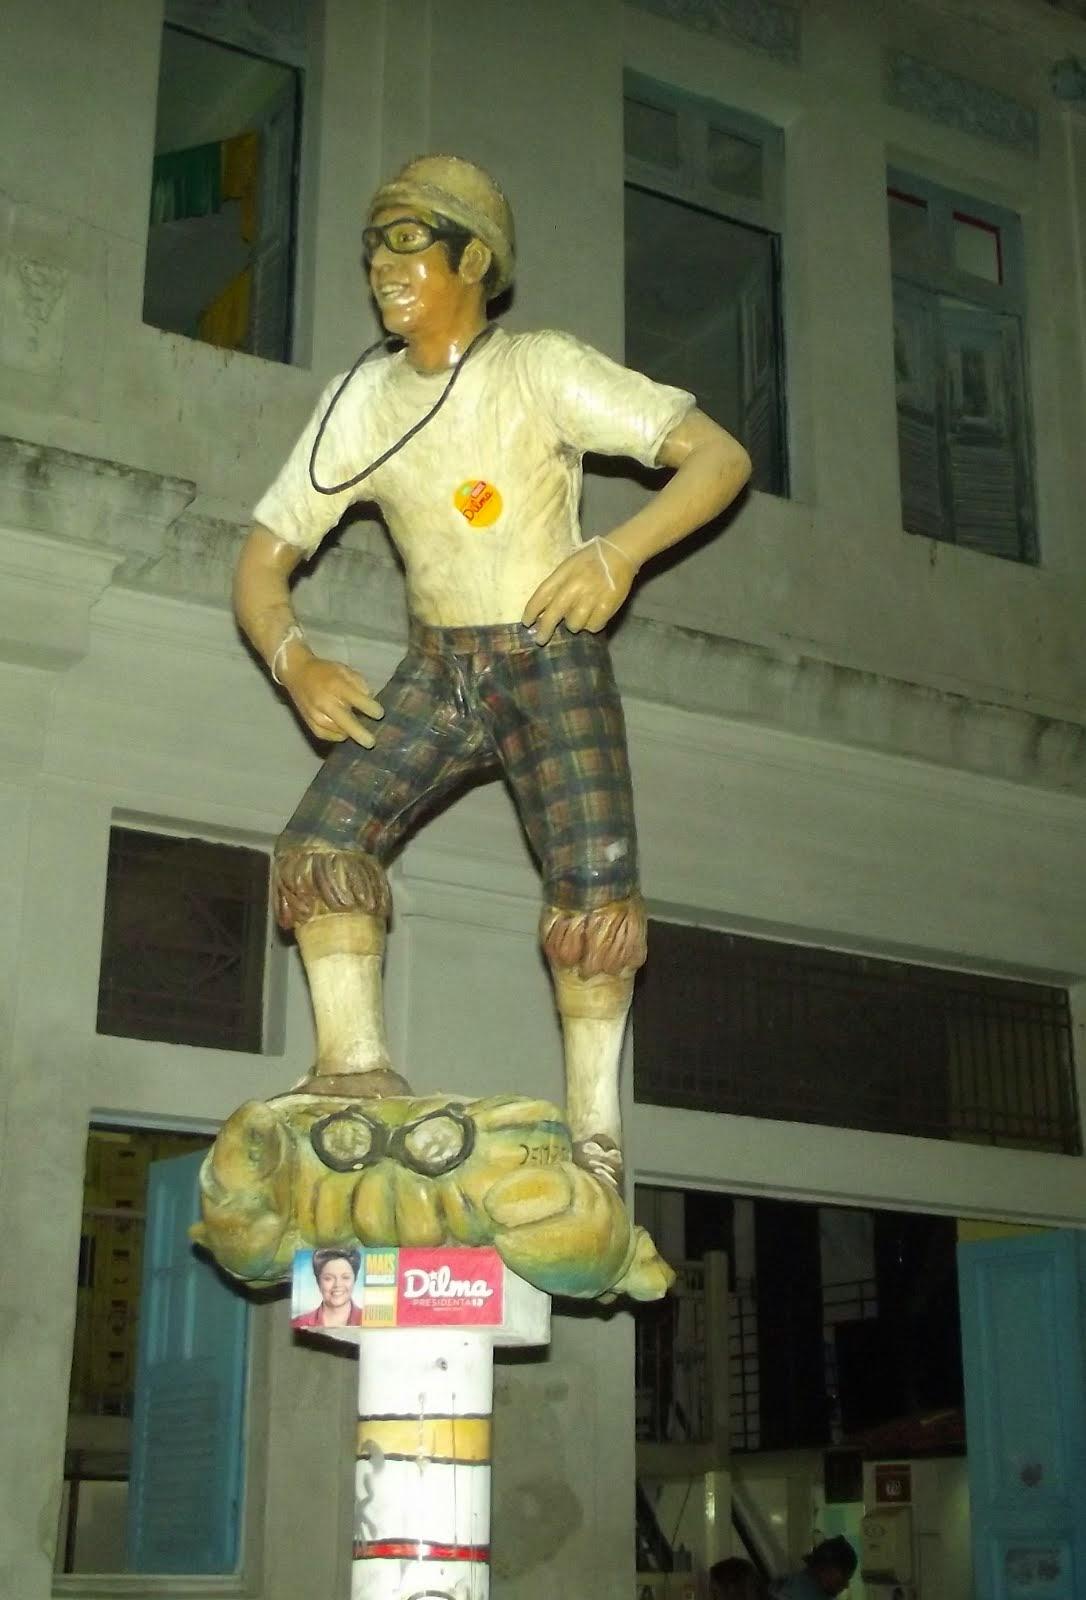 Chico Sciense